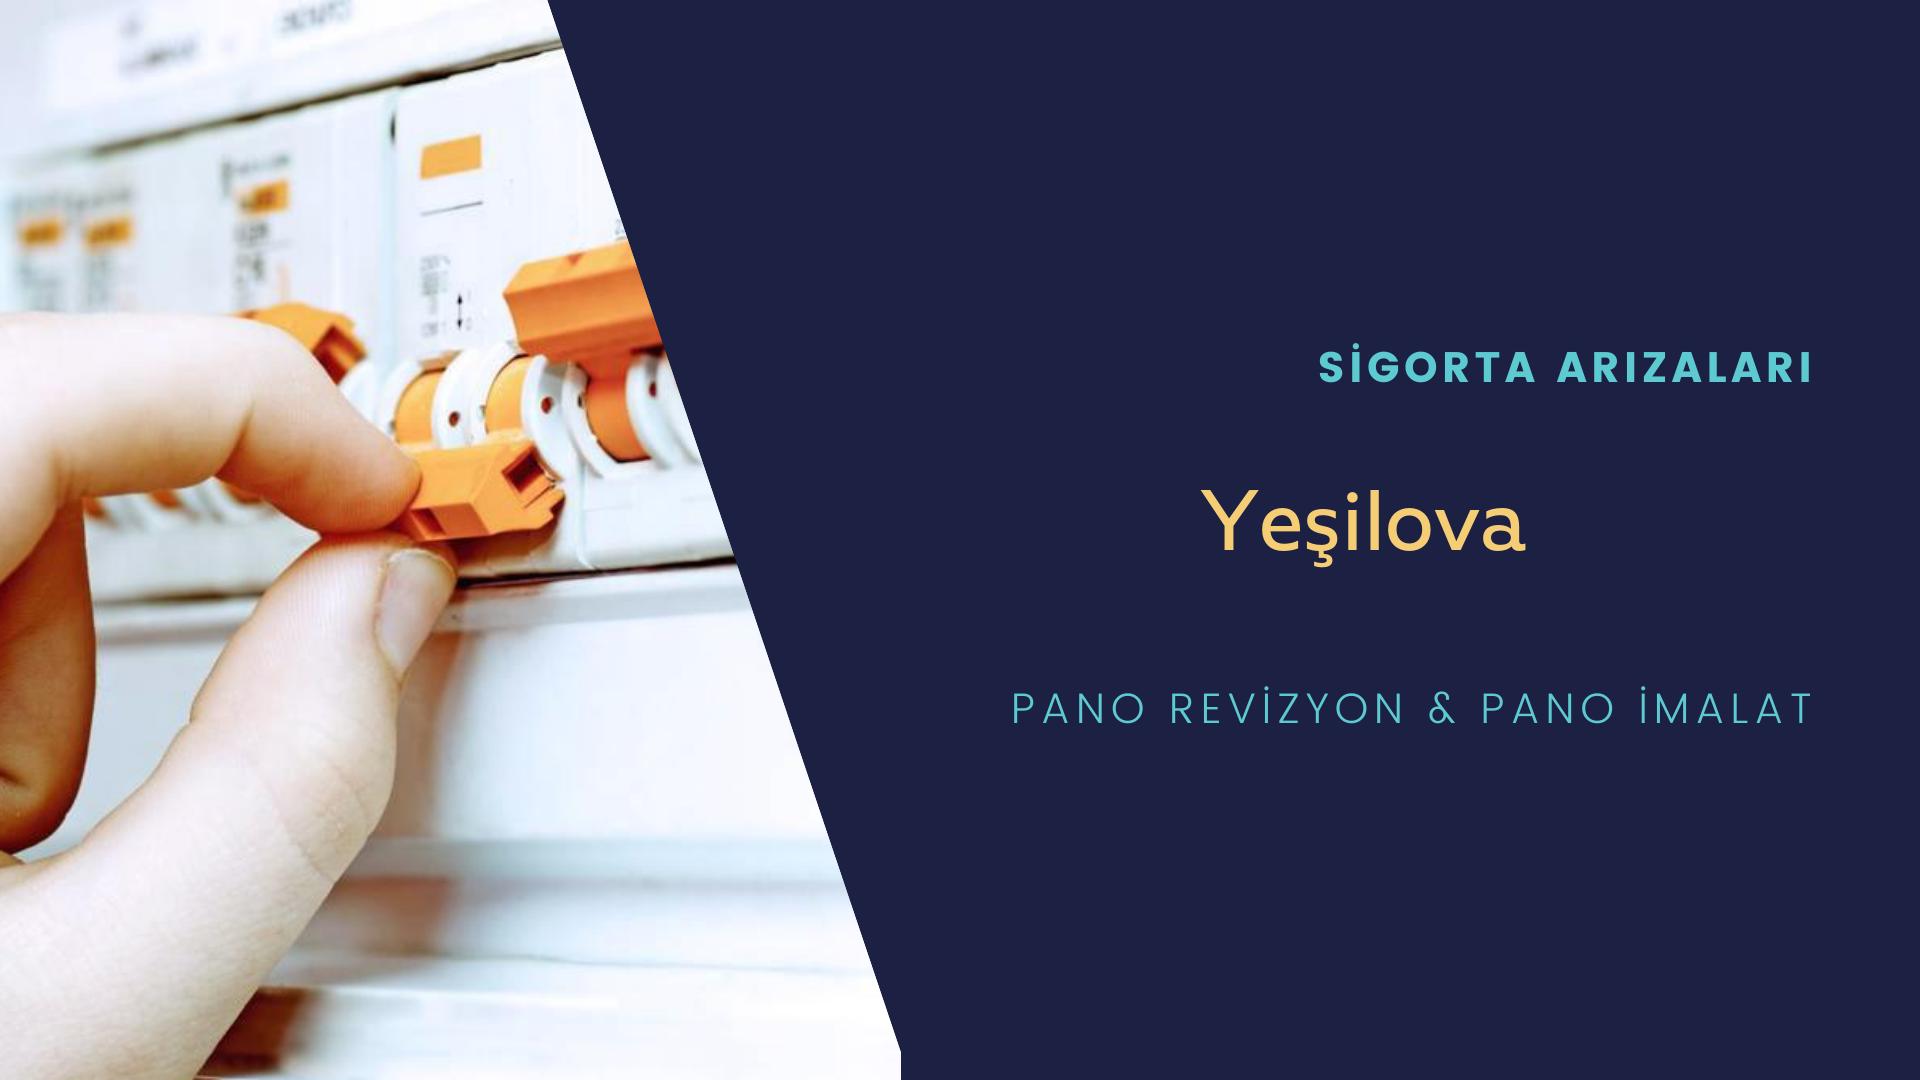 Yeşilova  Sigorta Arızaları İçin Profesyonel Elektrikçi ustalarımızı dilediğiniz zaman arayabilir talepte bulunabilirsiniz.